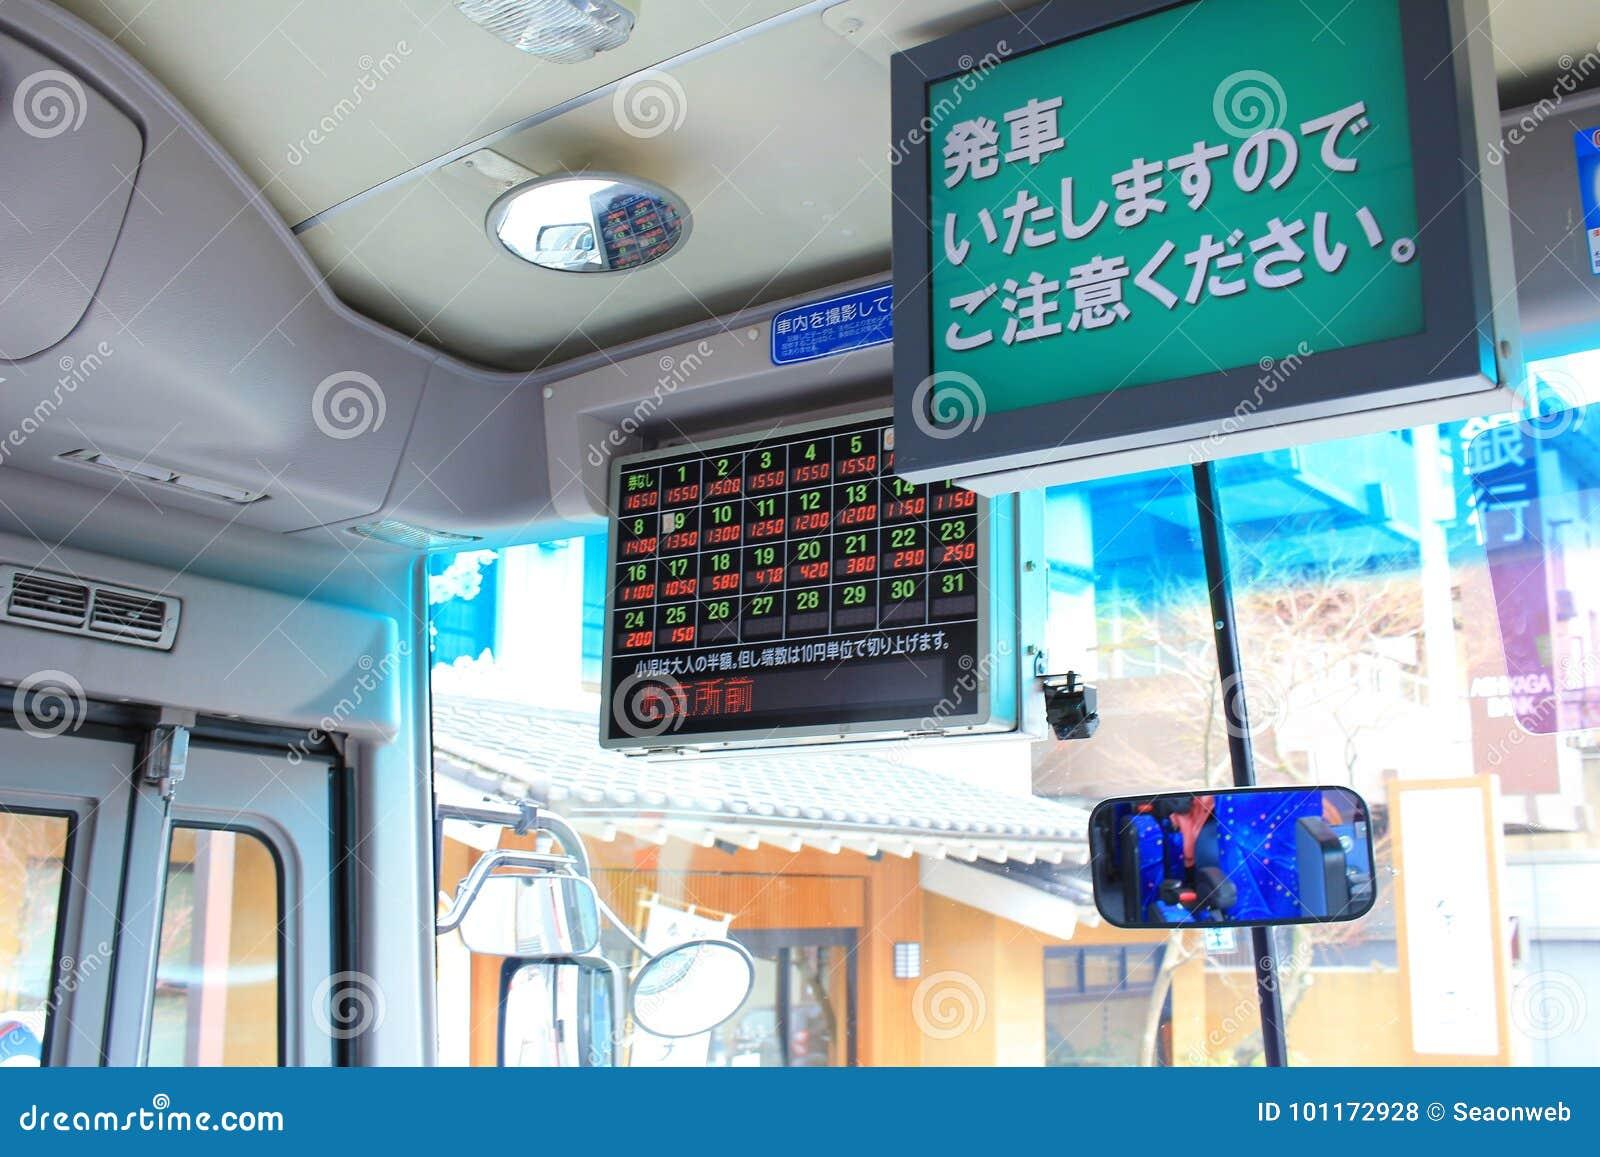 日本公共汽车的信息委员会